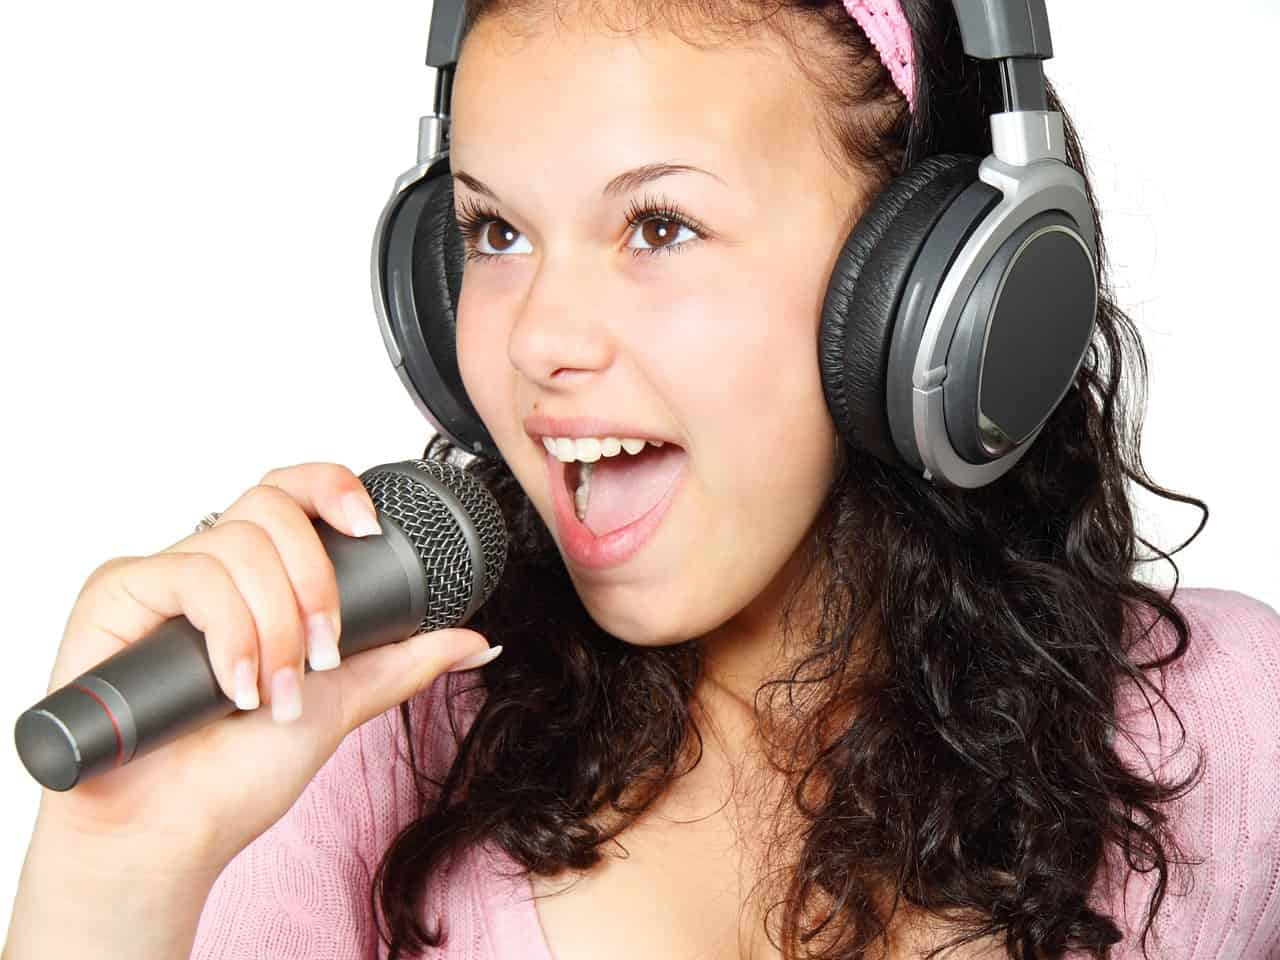 אישה שרה שיר